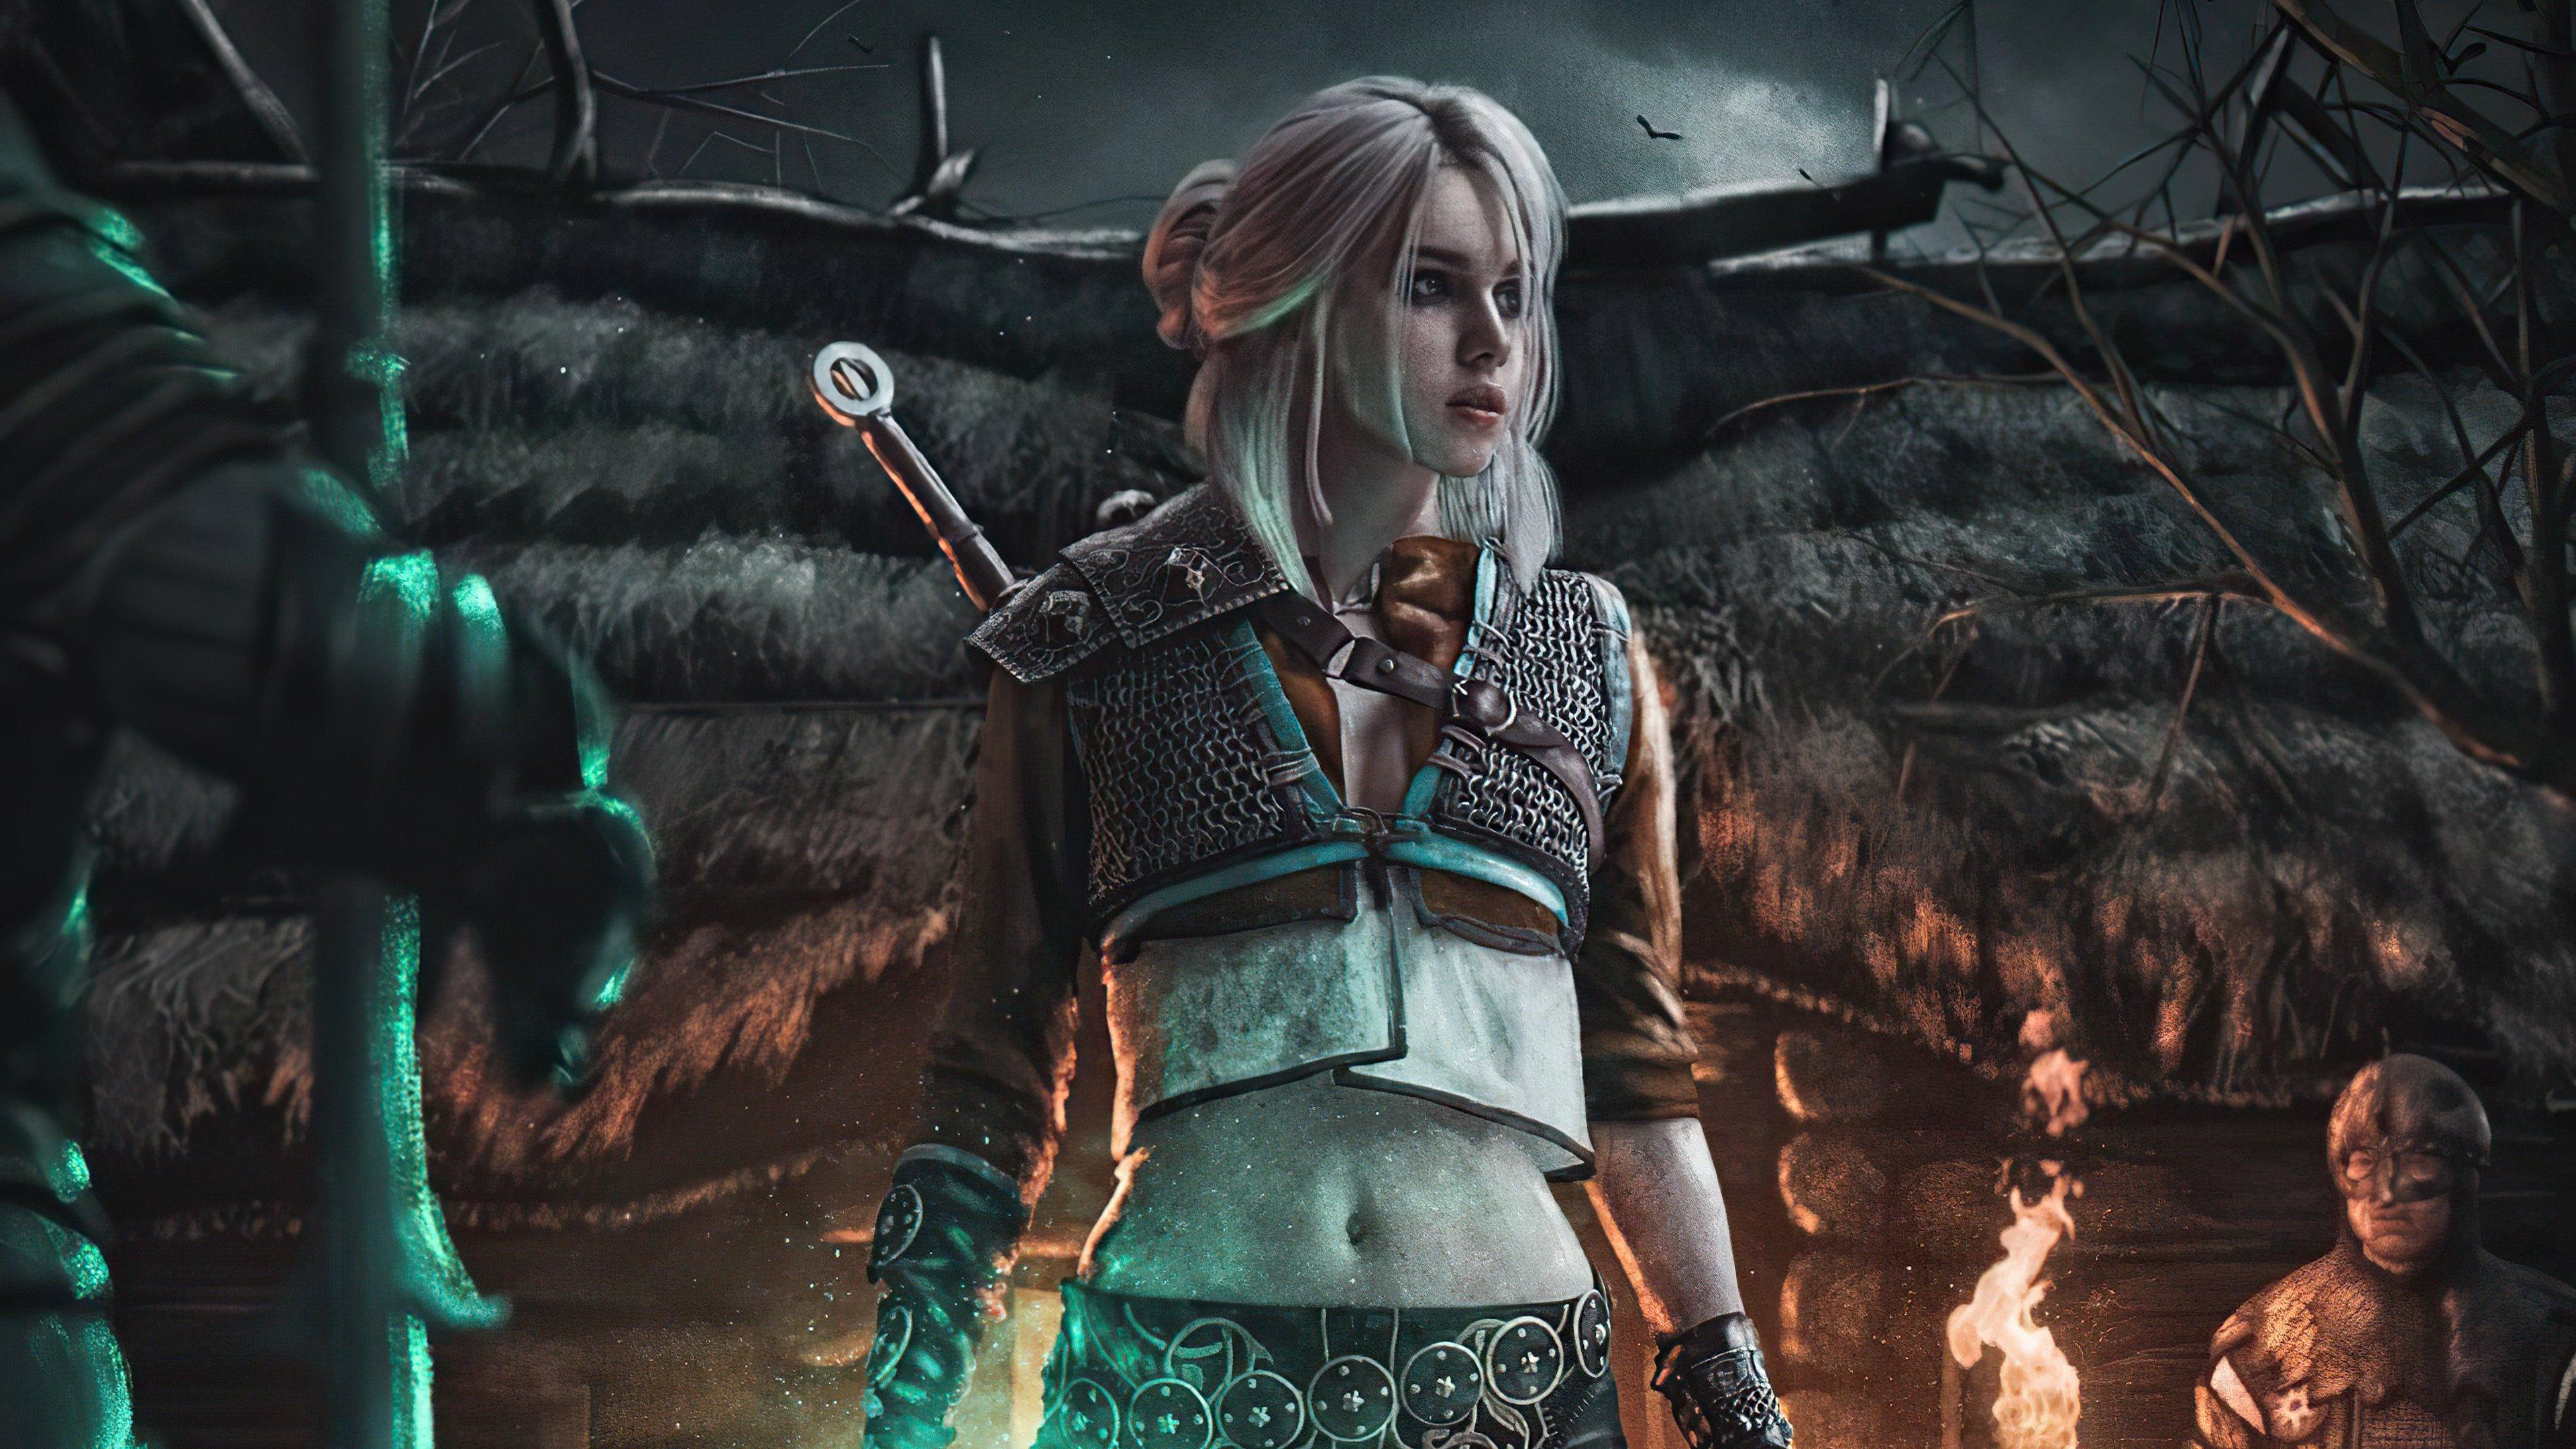 Fondos de pantalla Ciri de The Witcher 3 estilo Cyberpunk